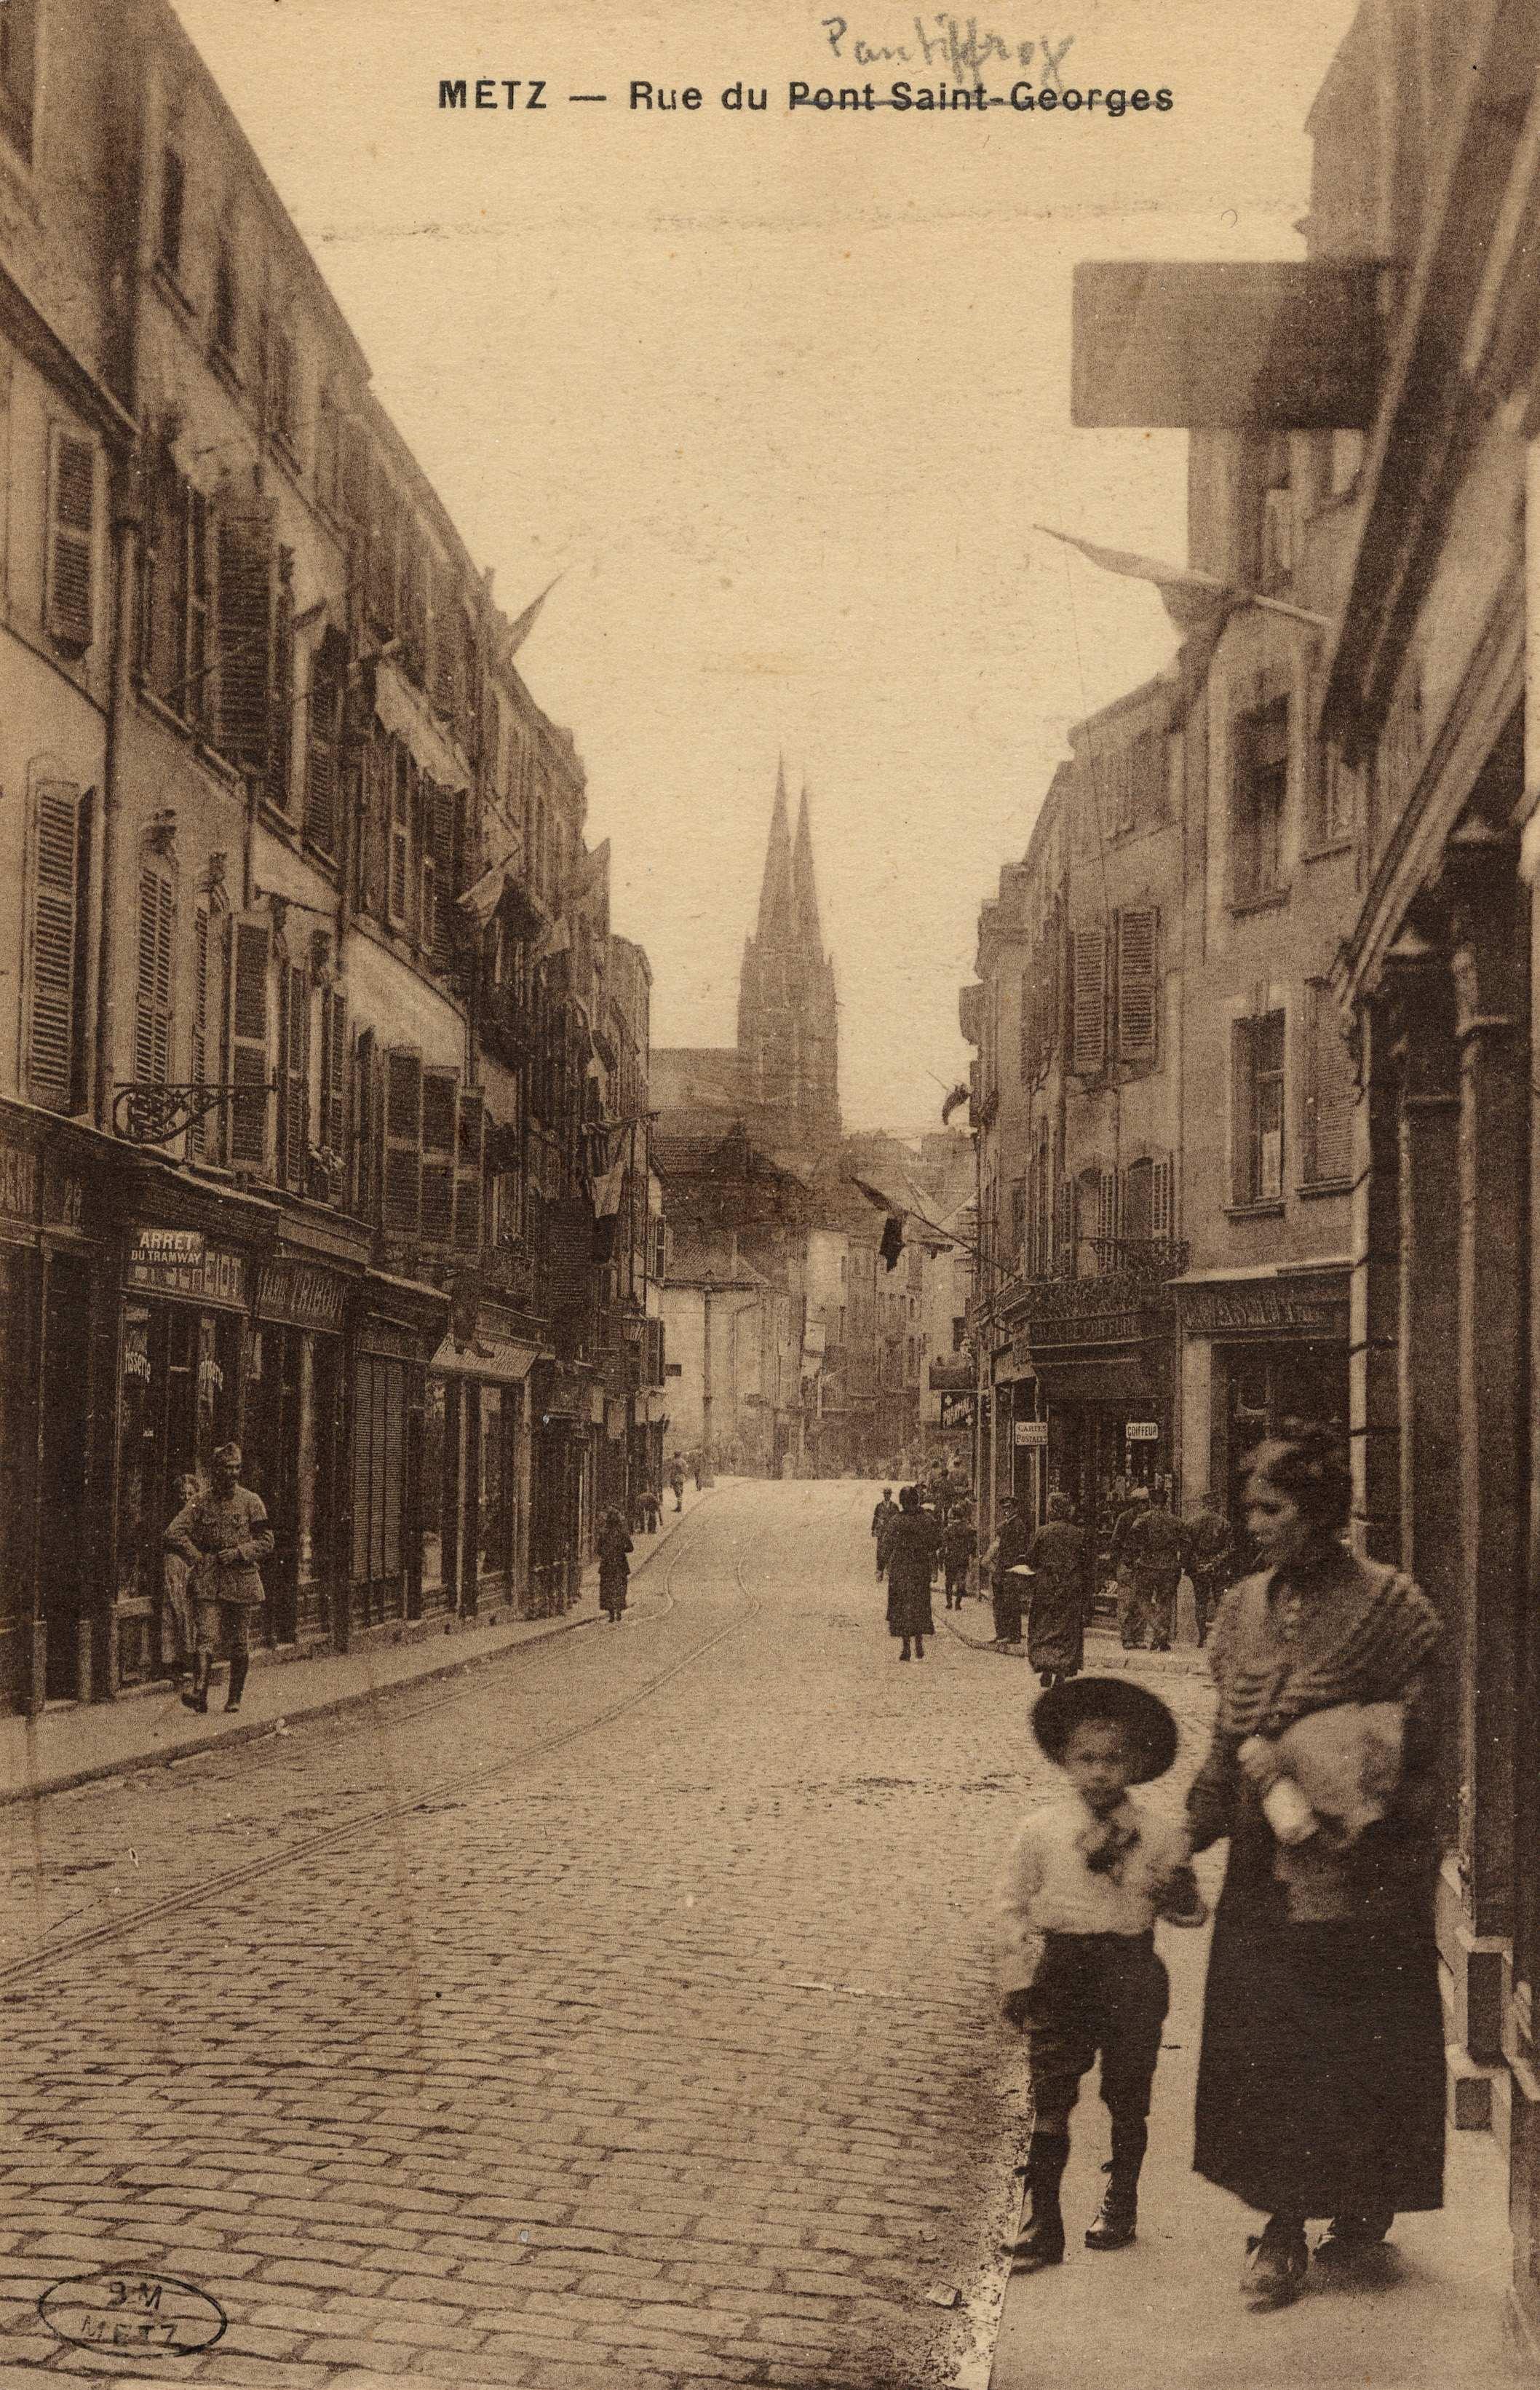 Contenu du Metz. Rue du Pont St georges [Pontiffroy]